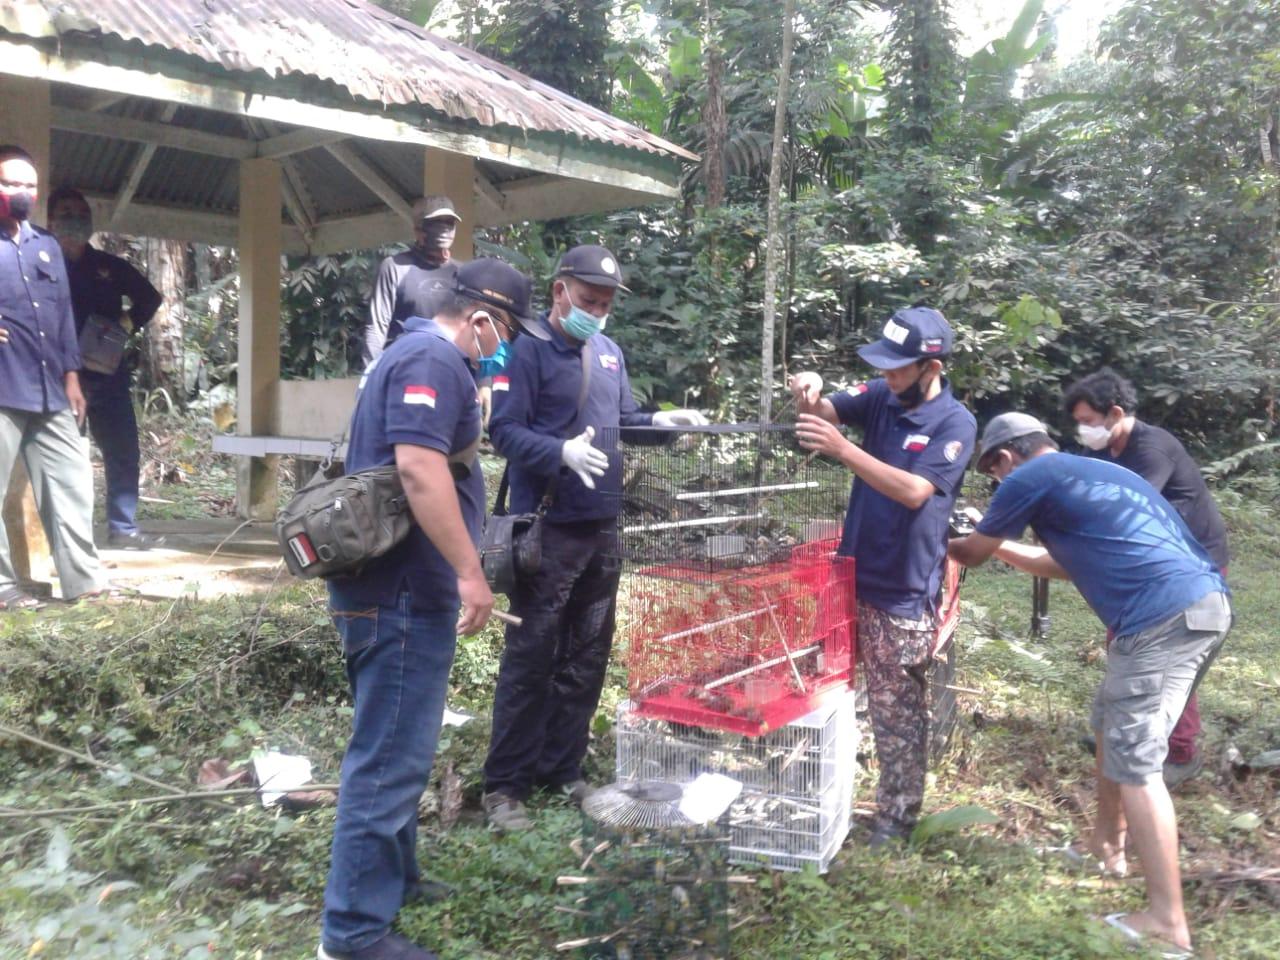 Ket foto : Pemeriksaan S selaku Penerima Burung saat diintrogasi di Kantor Balai Gakkum KLHK Wilayah Sumatera Seksi Wilayah I Medan.(ist)